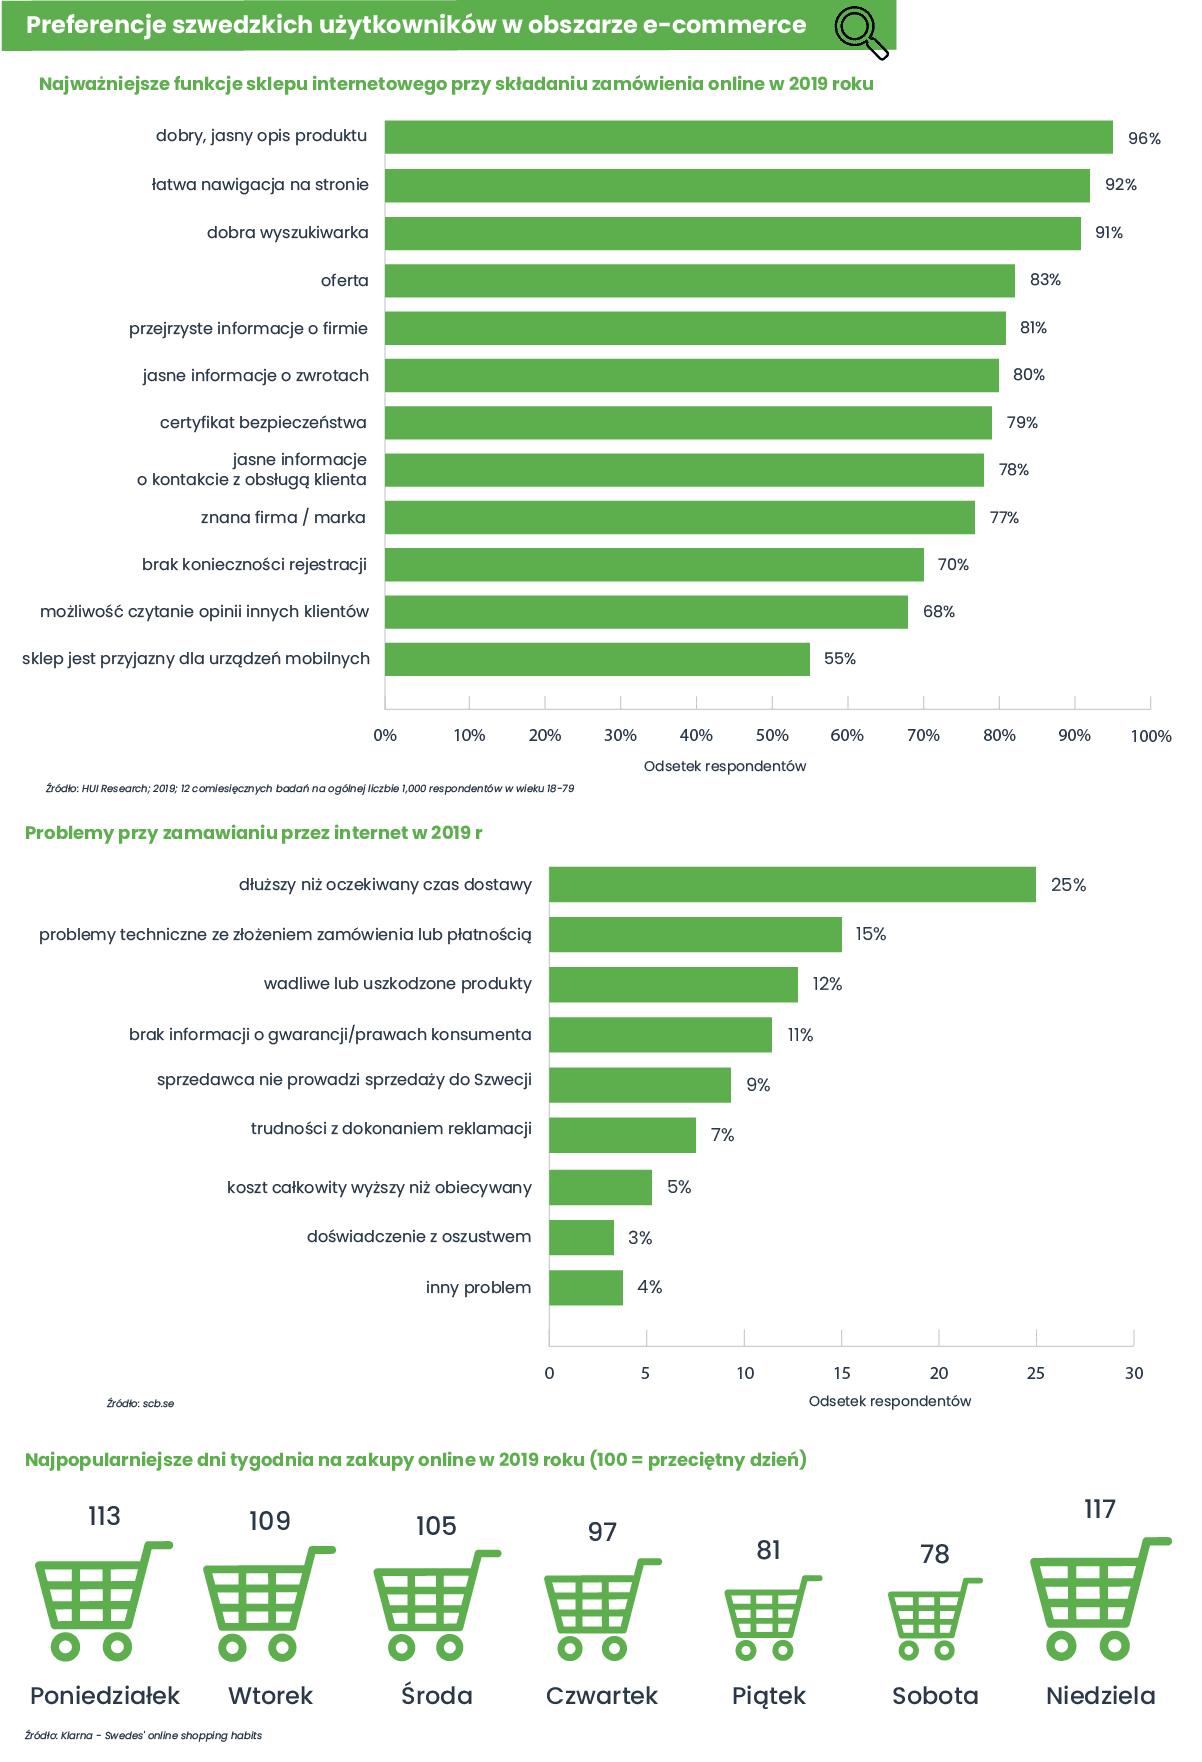 Preferencje szwedzkich użytkowników w obszarze e-commerce